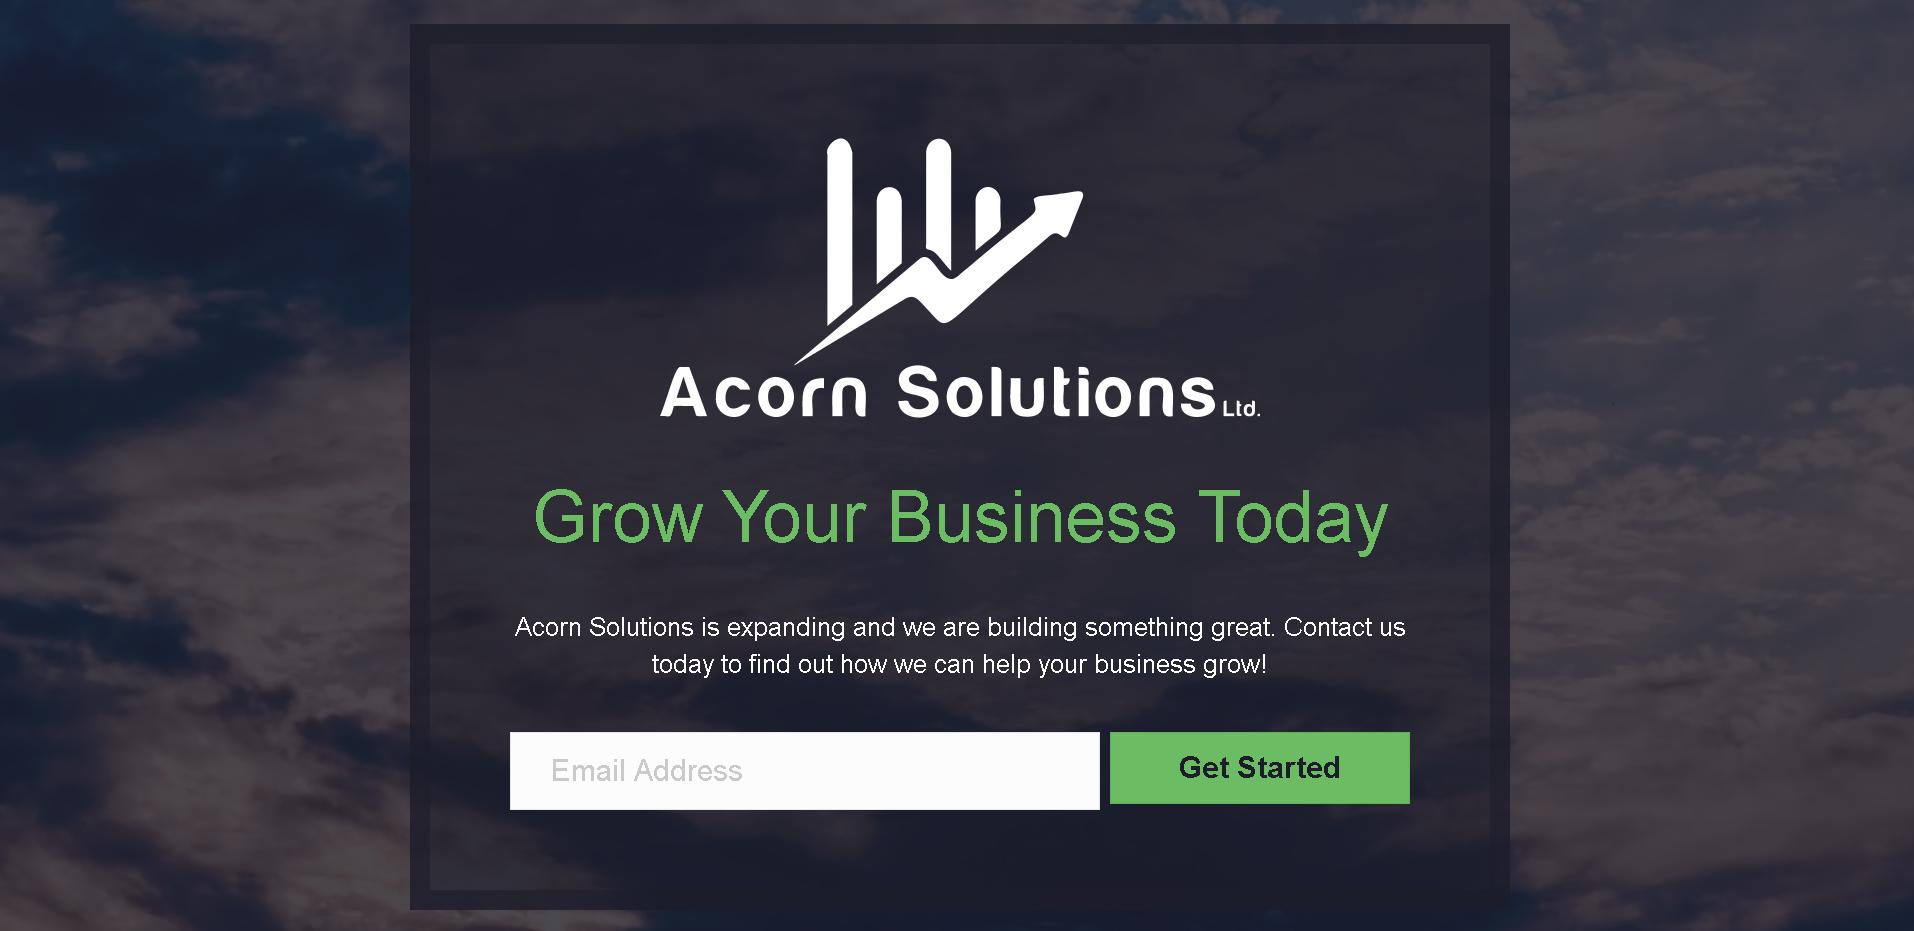 Acorn Solutins